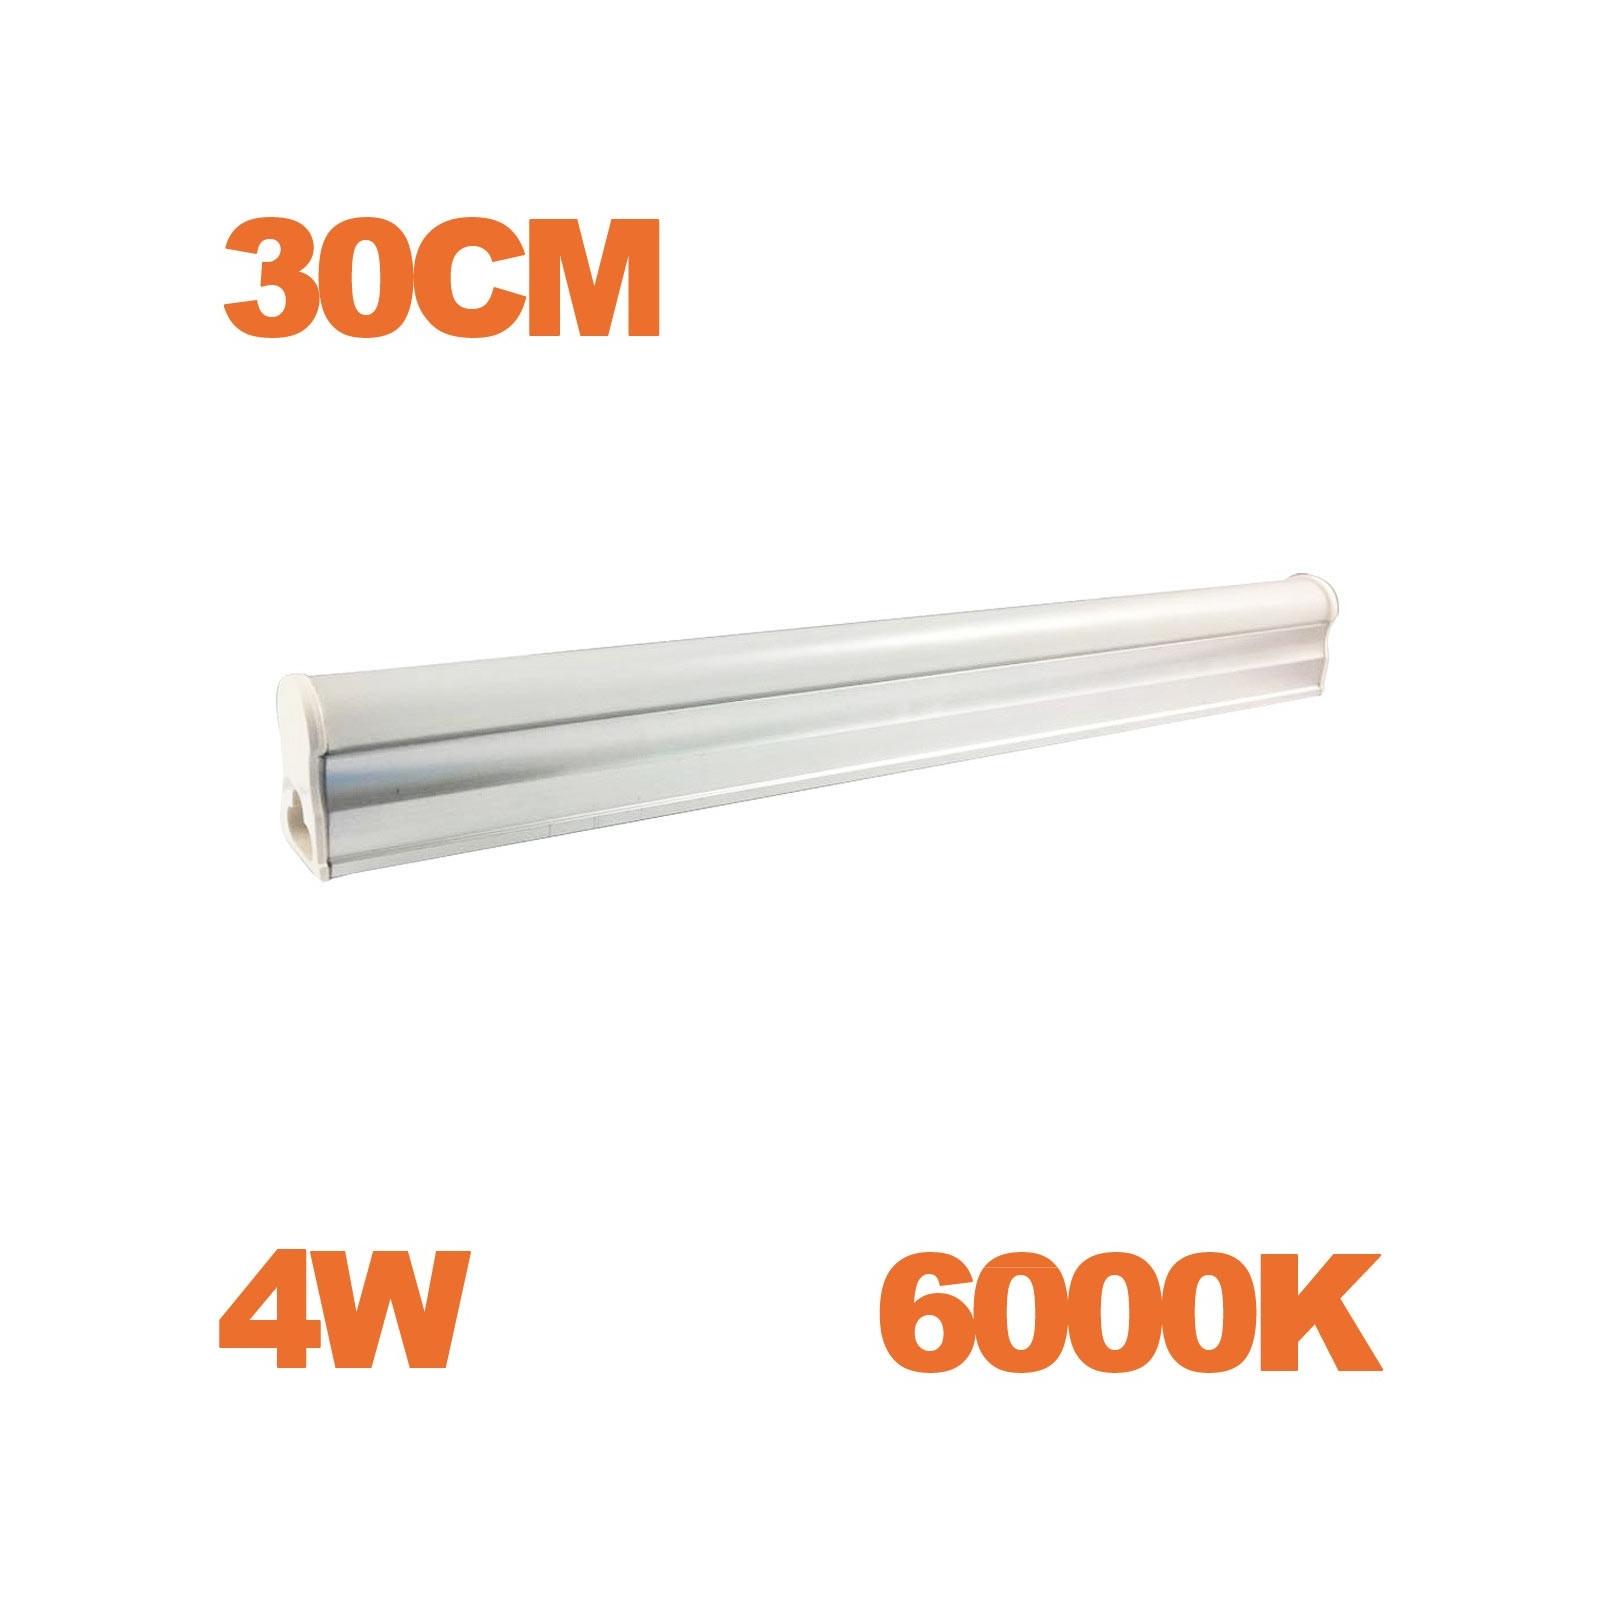 Tube LED T5 Puissance 4W Longueur 30cm Blanc Chaud 3000K